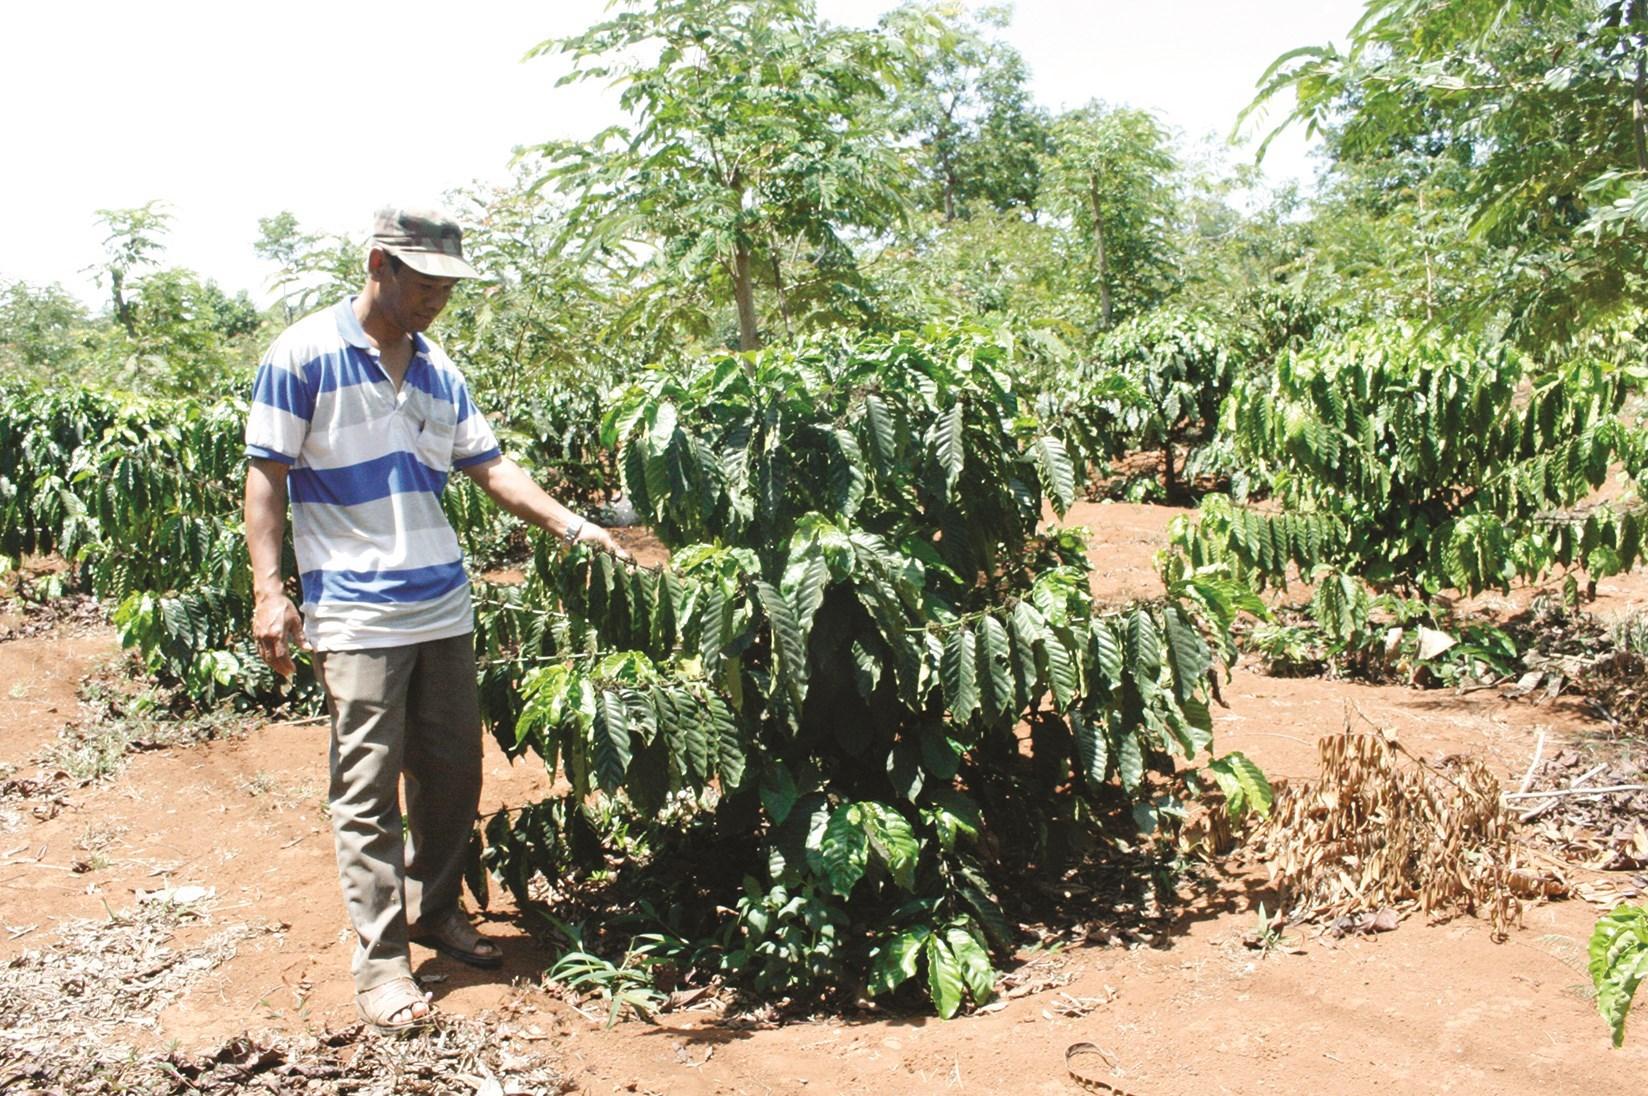 Nhiều diện tích cà phê ở Tây Nguyên đạt năng suất thấp do không áp dụng quy trình tái canh cà phê chuẩn